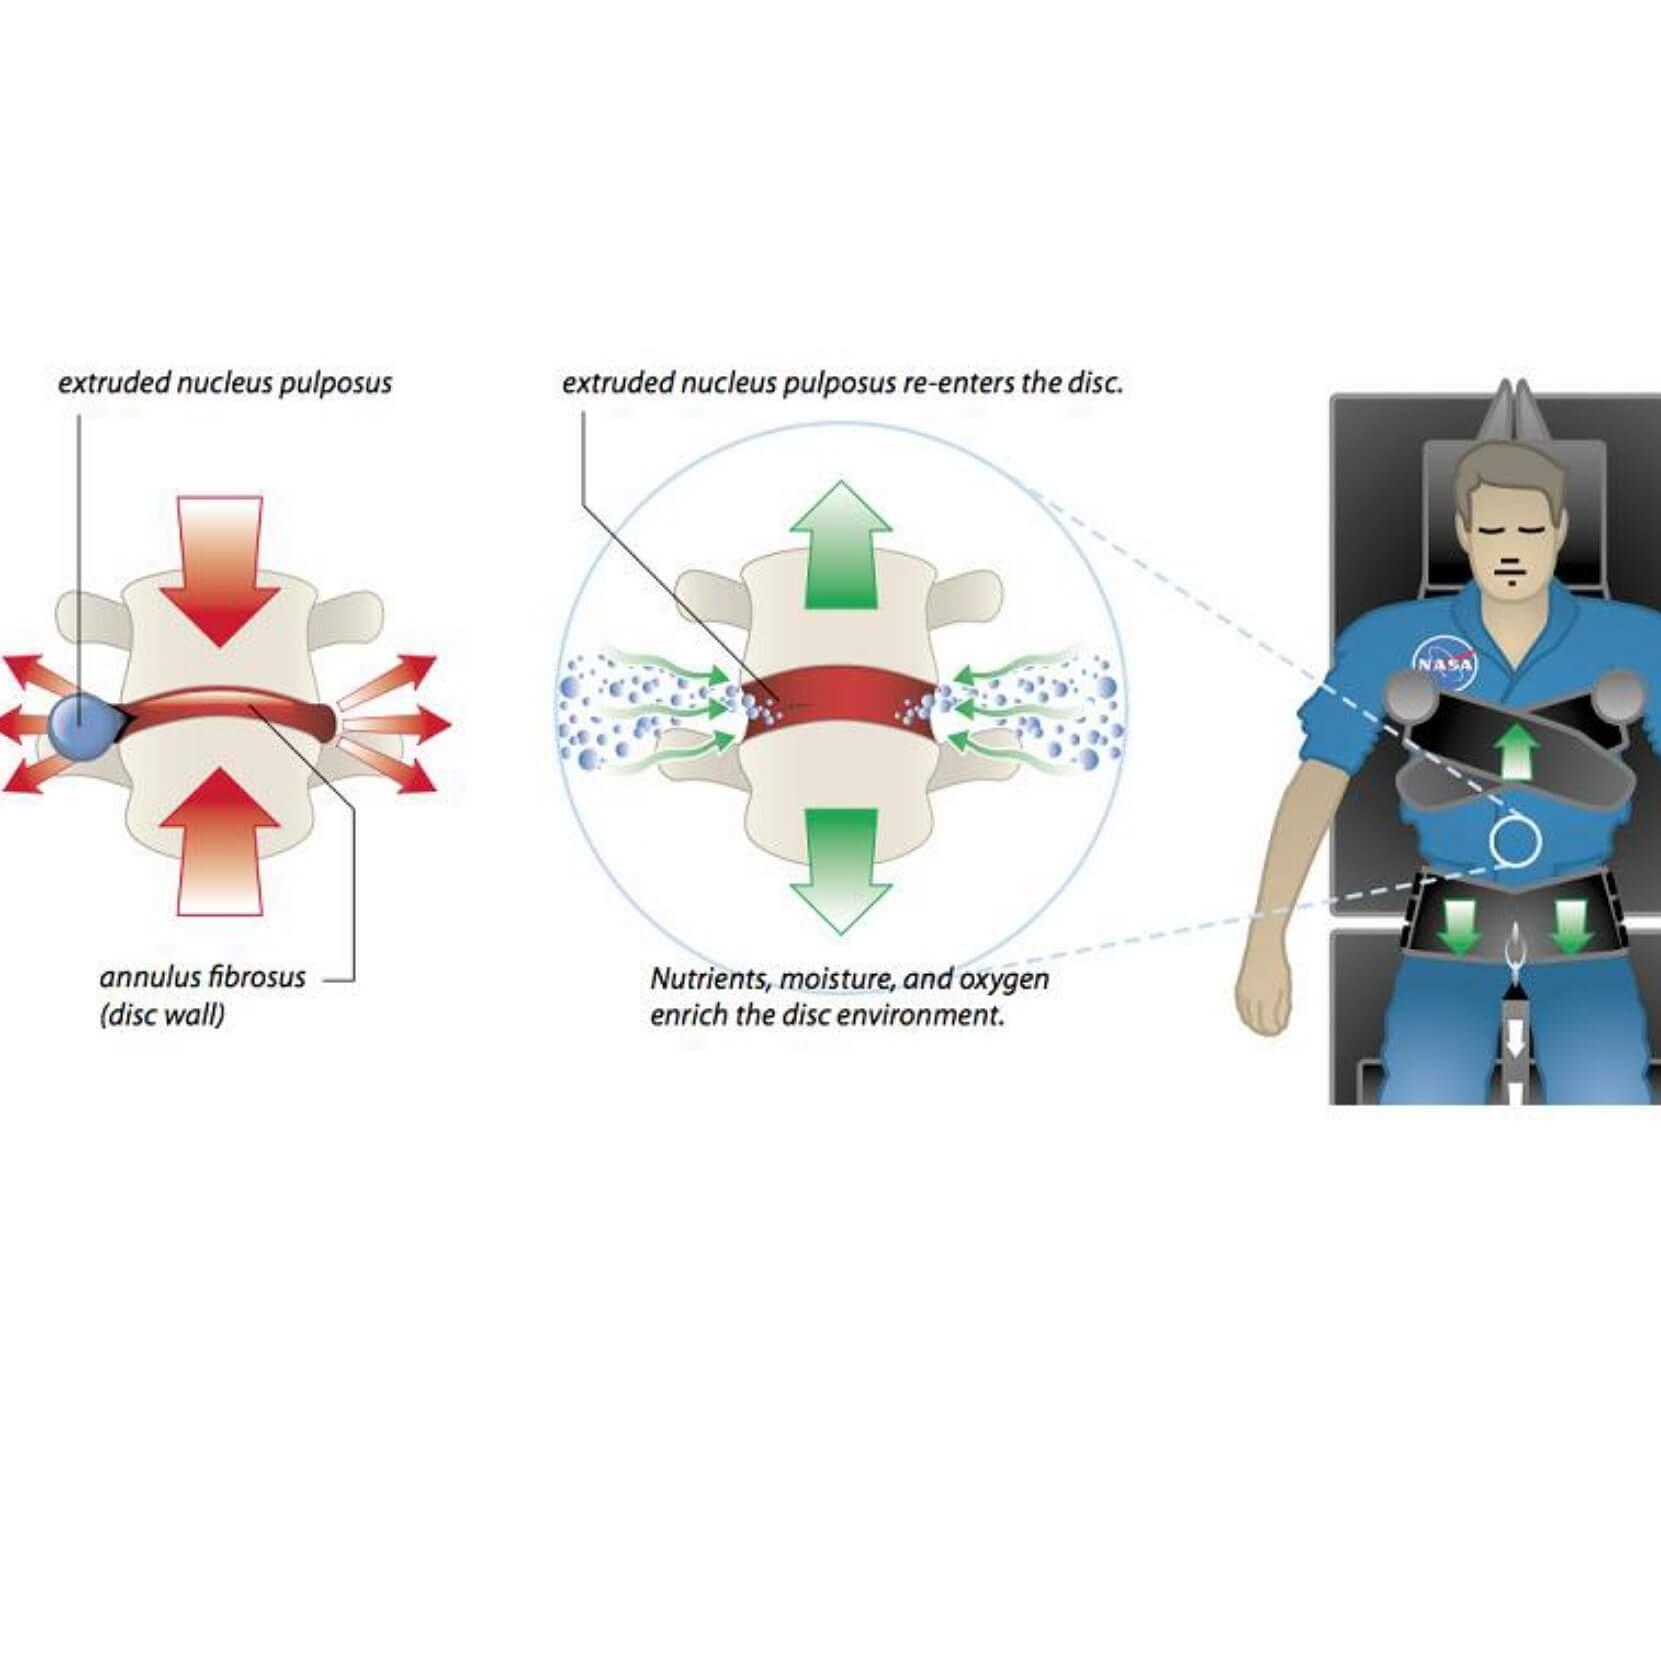 Šema kako deluje TRITON DTS dekompresija.